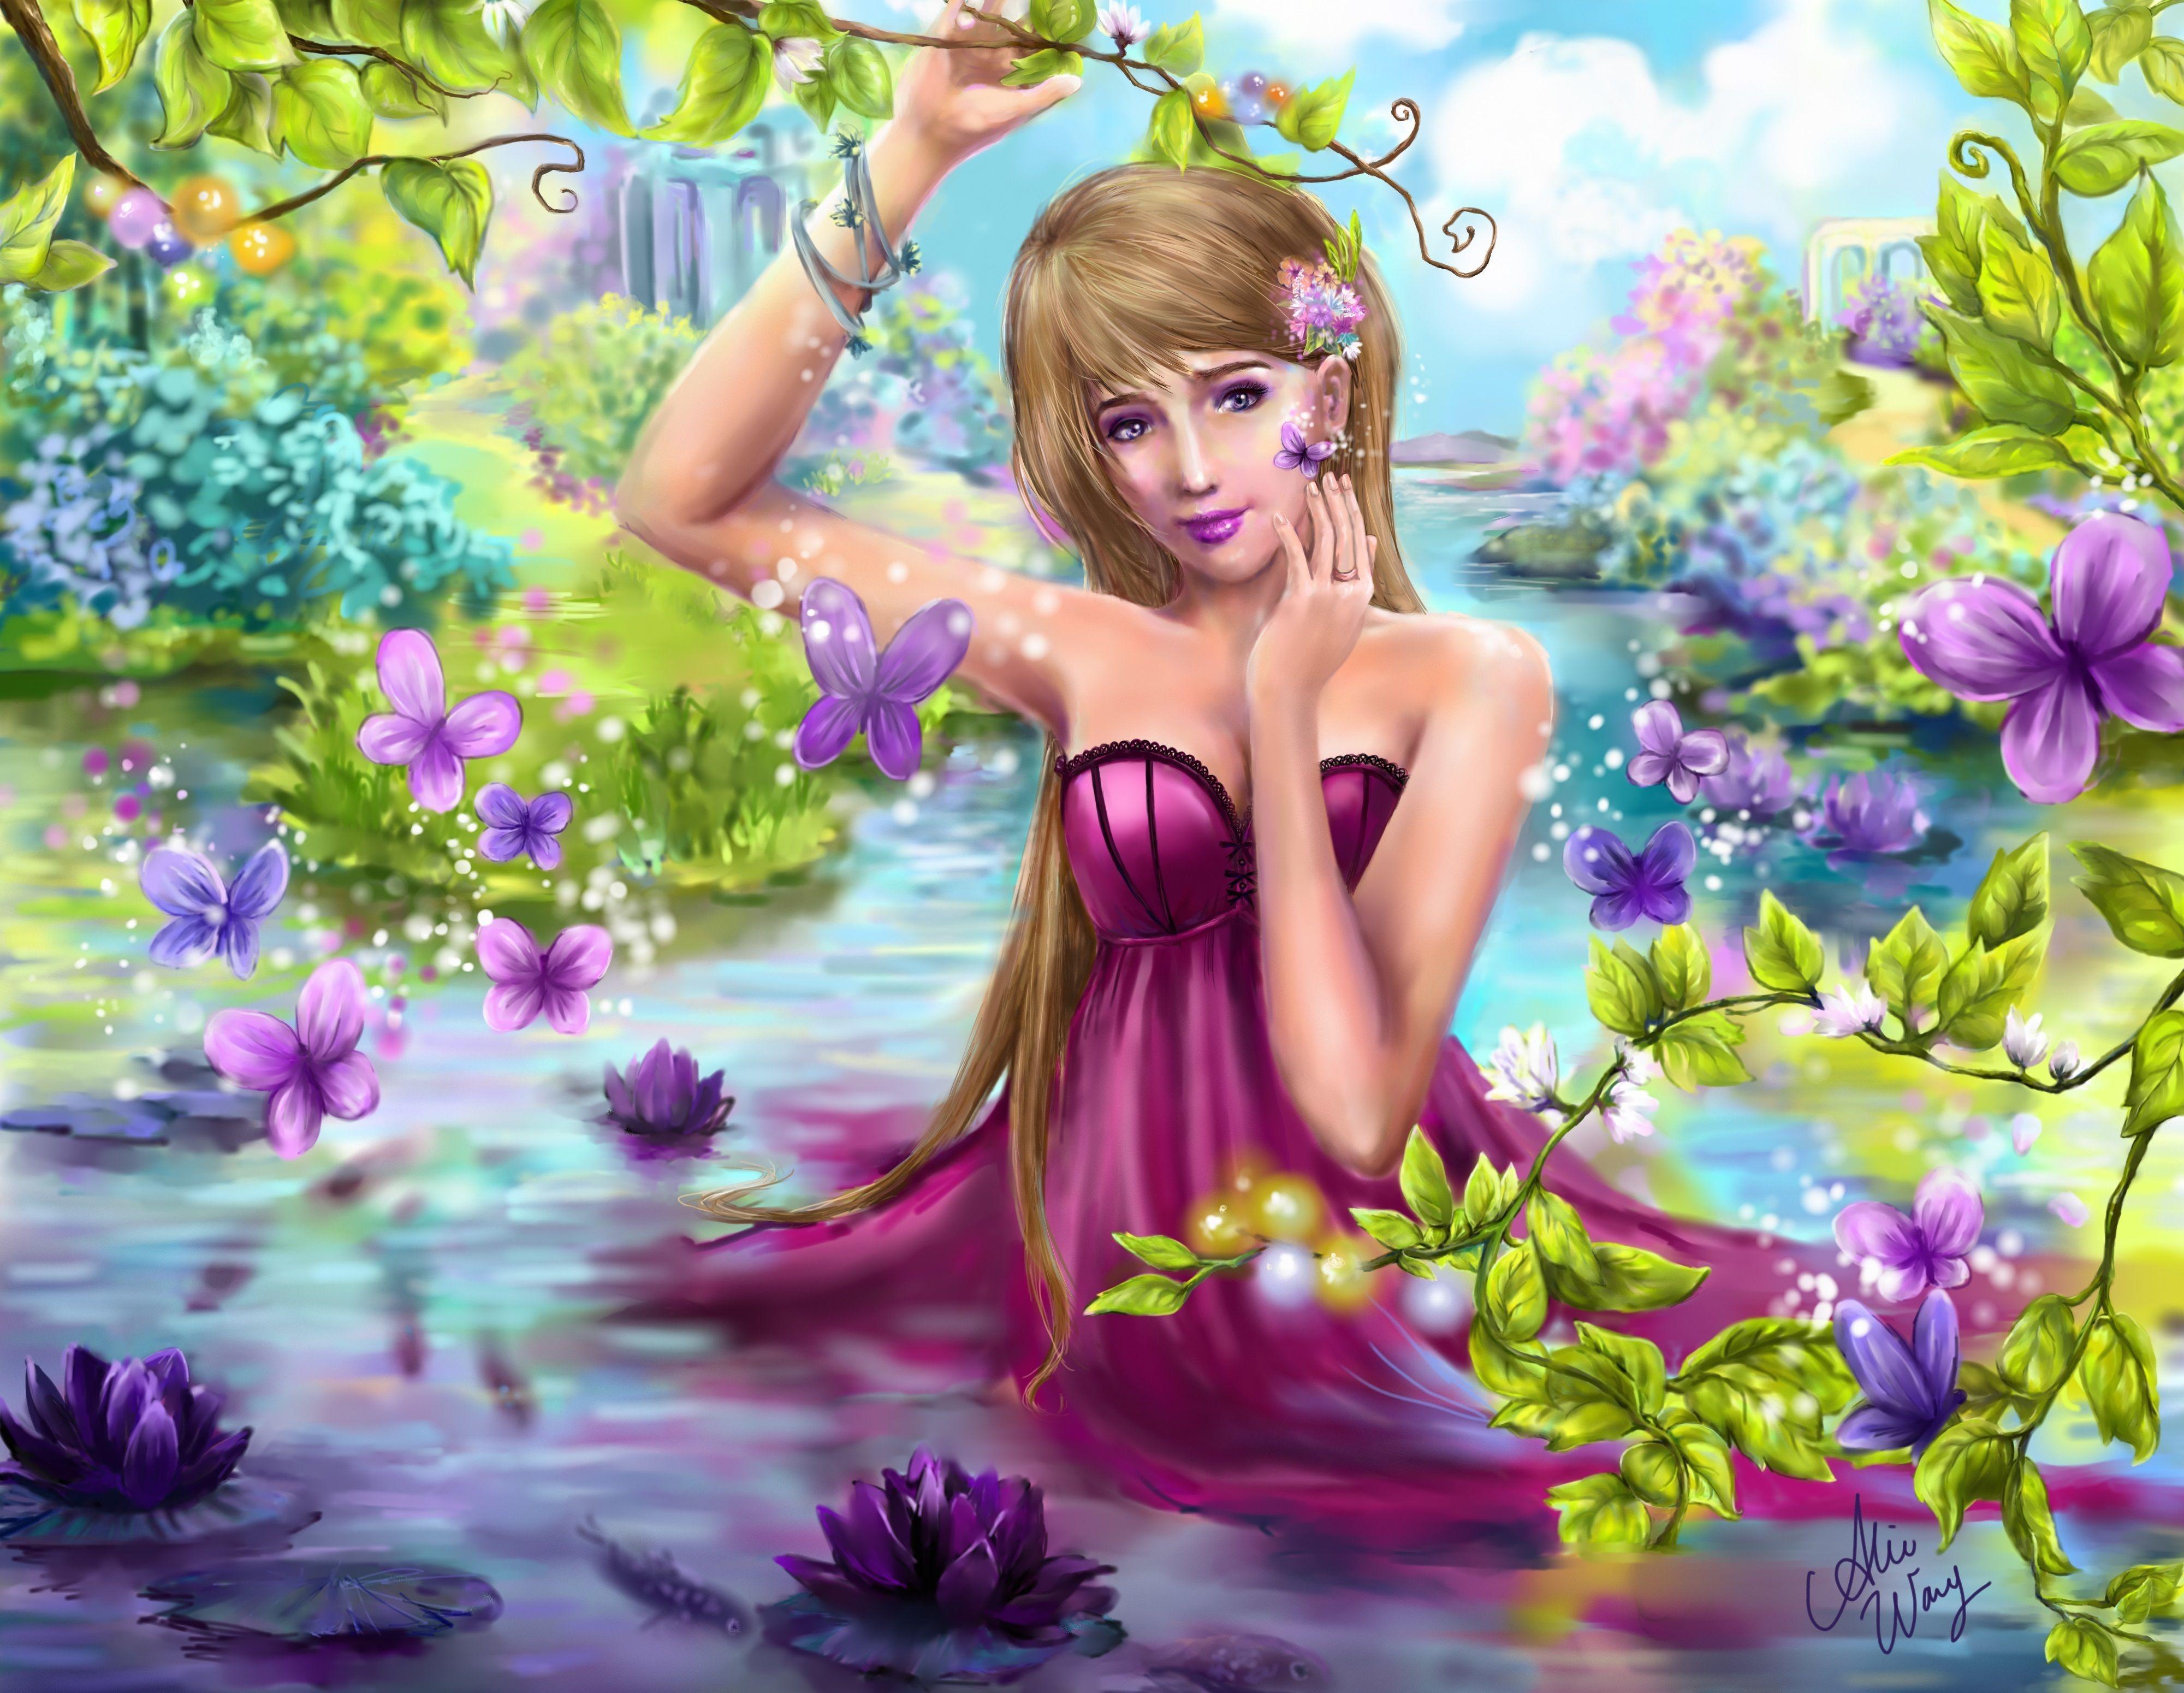 Fantasia de muchacha entre lirios de agua y mariposas.